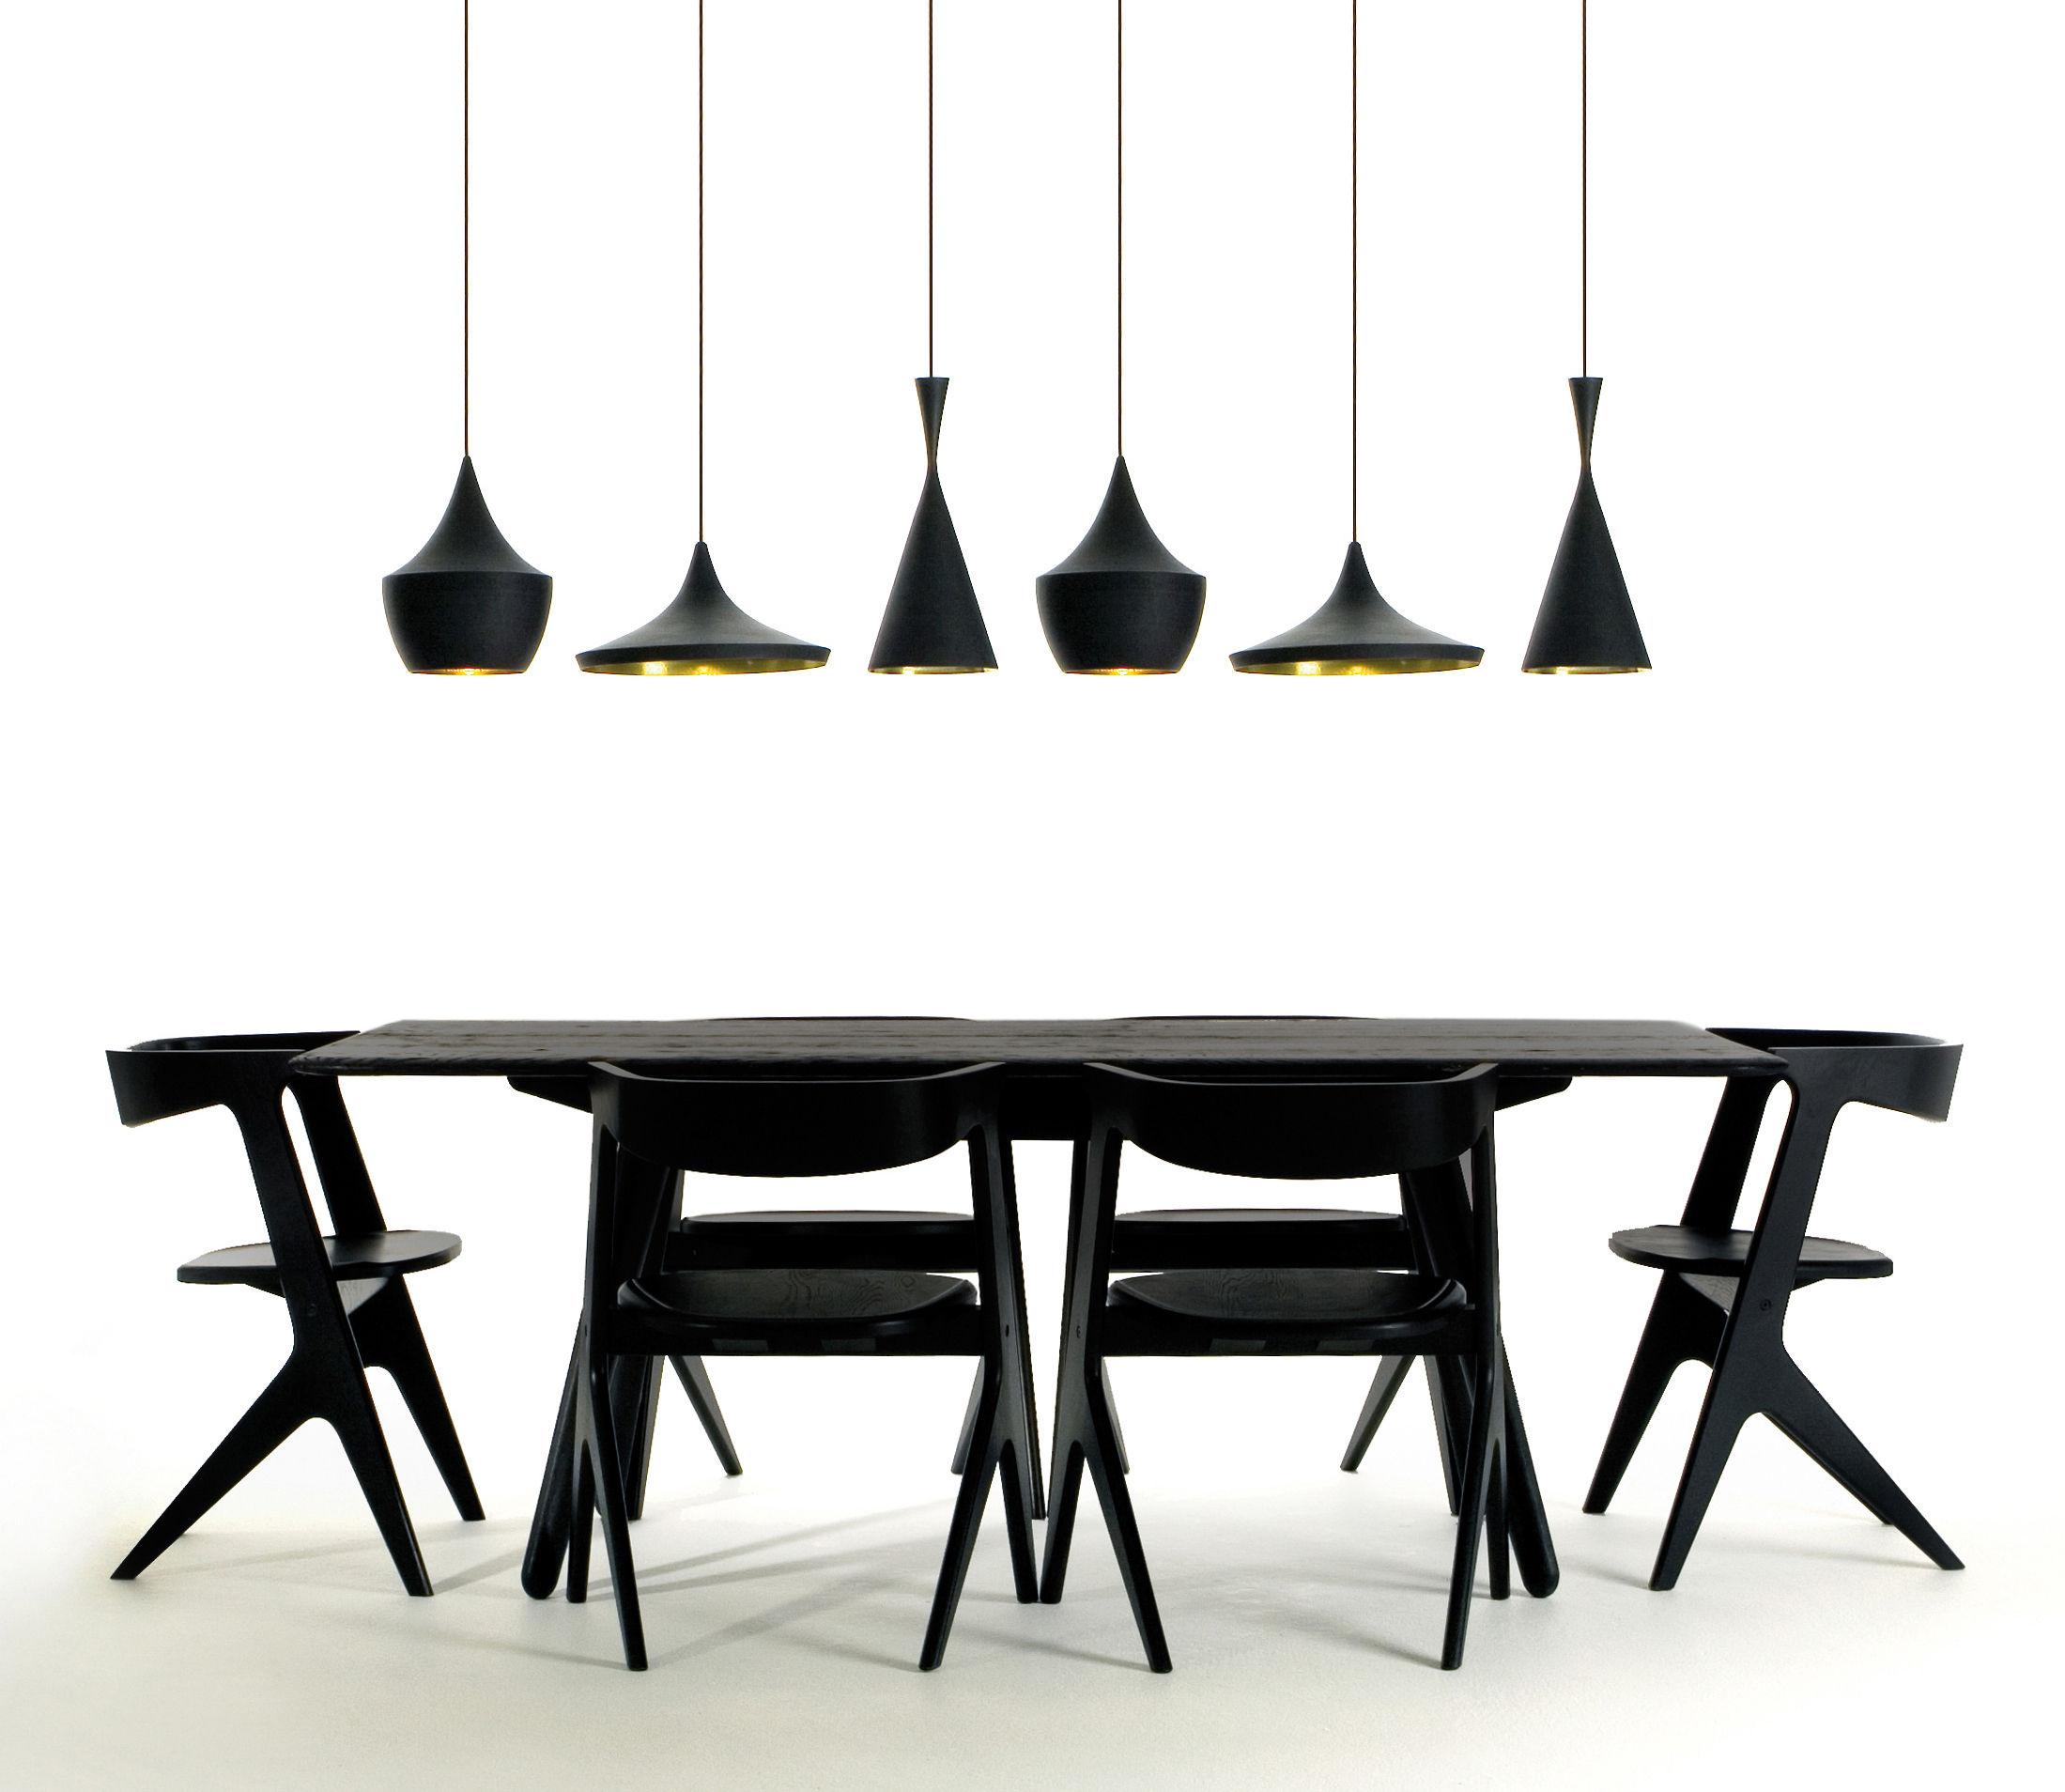 scopri sospensione beat light fat nero interno dorato di tom dixon made in design italia. Black Bedroom Furniture Sets. Home Design Ideas